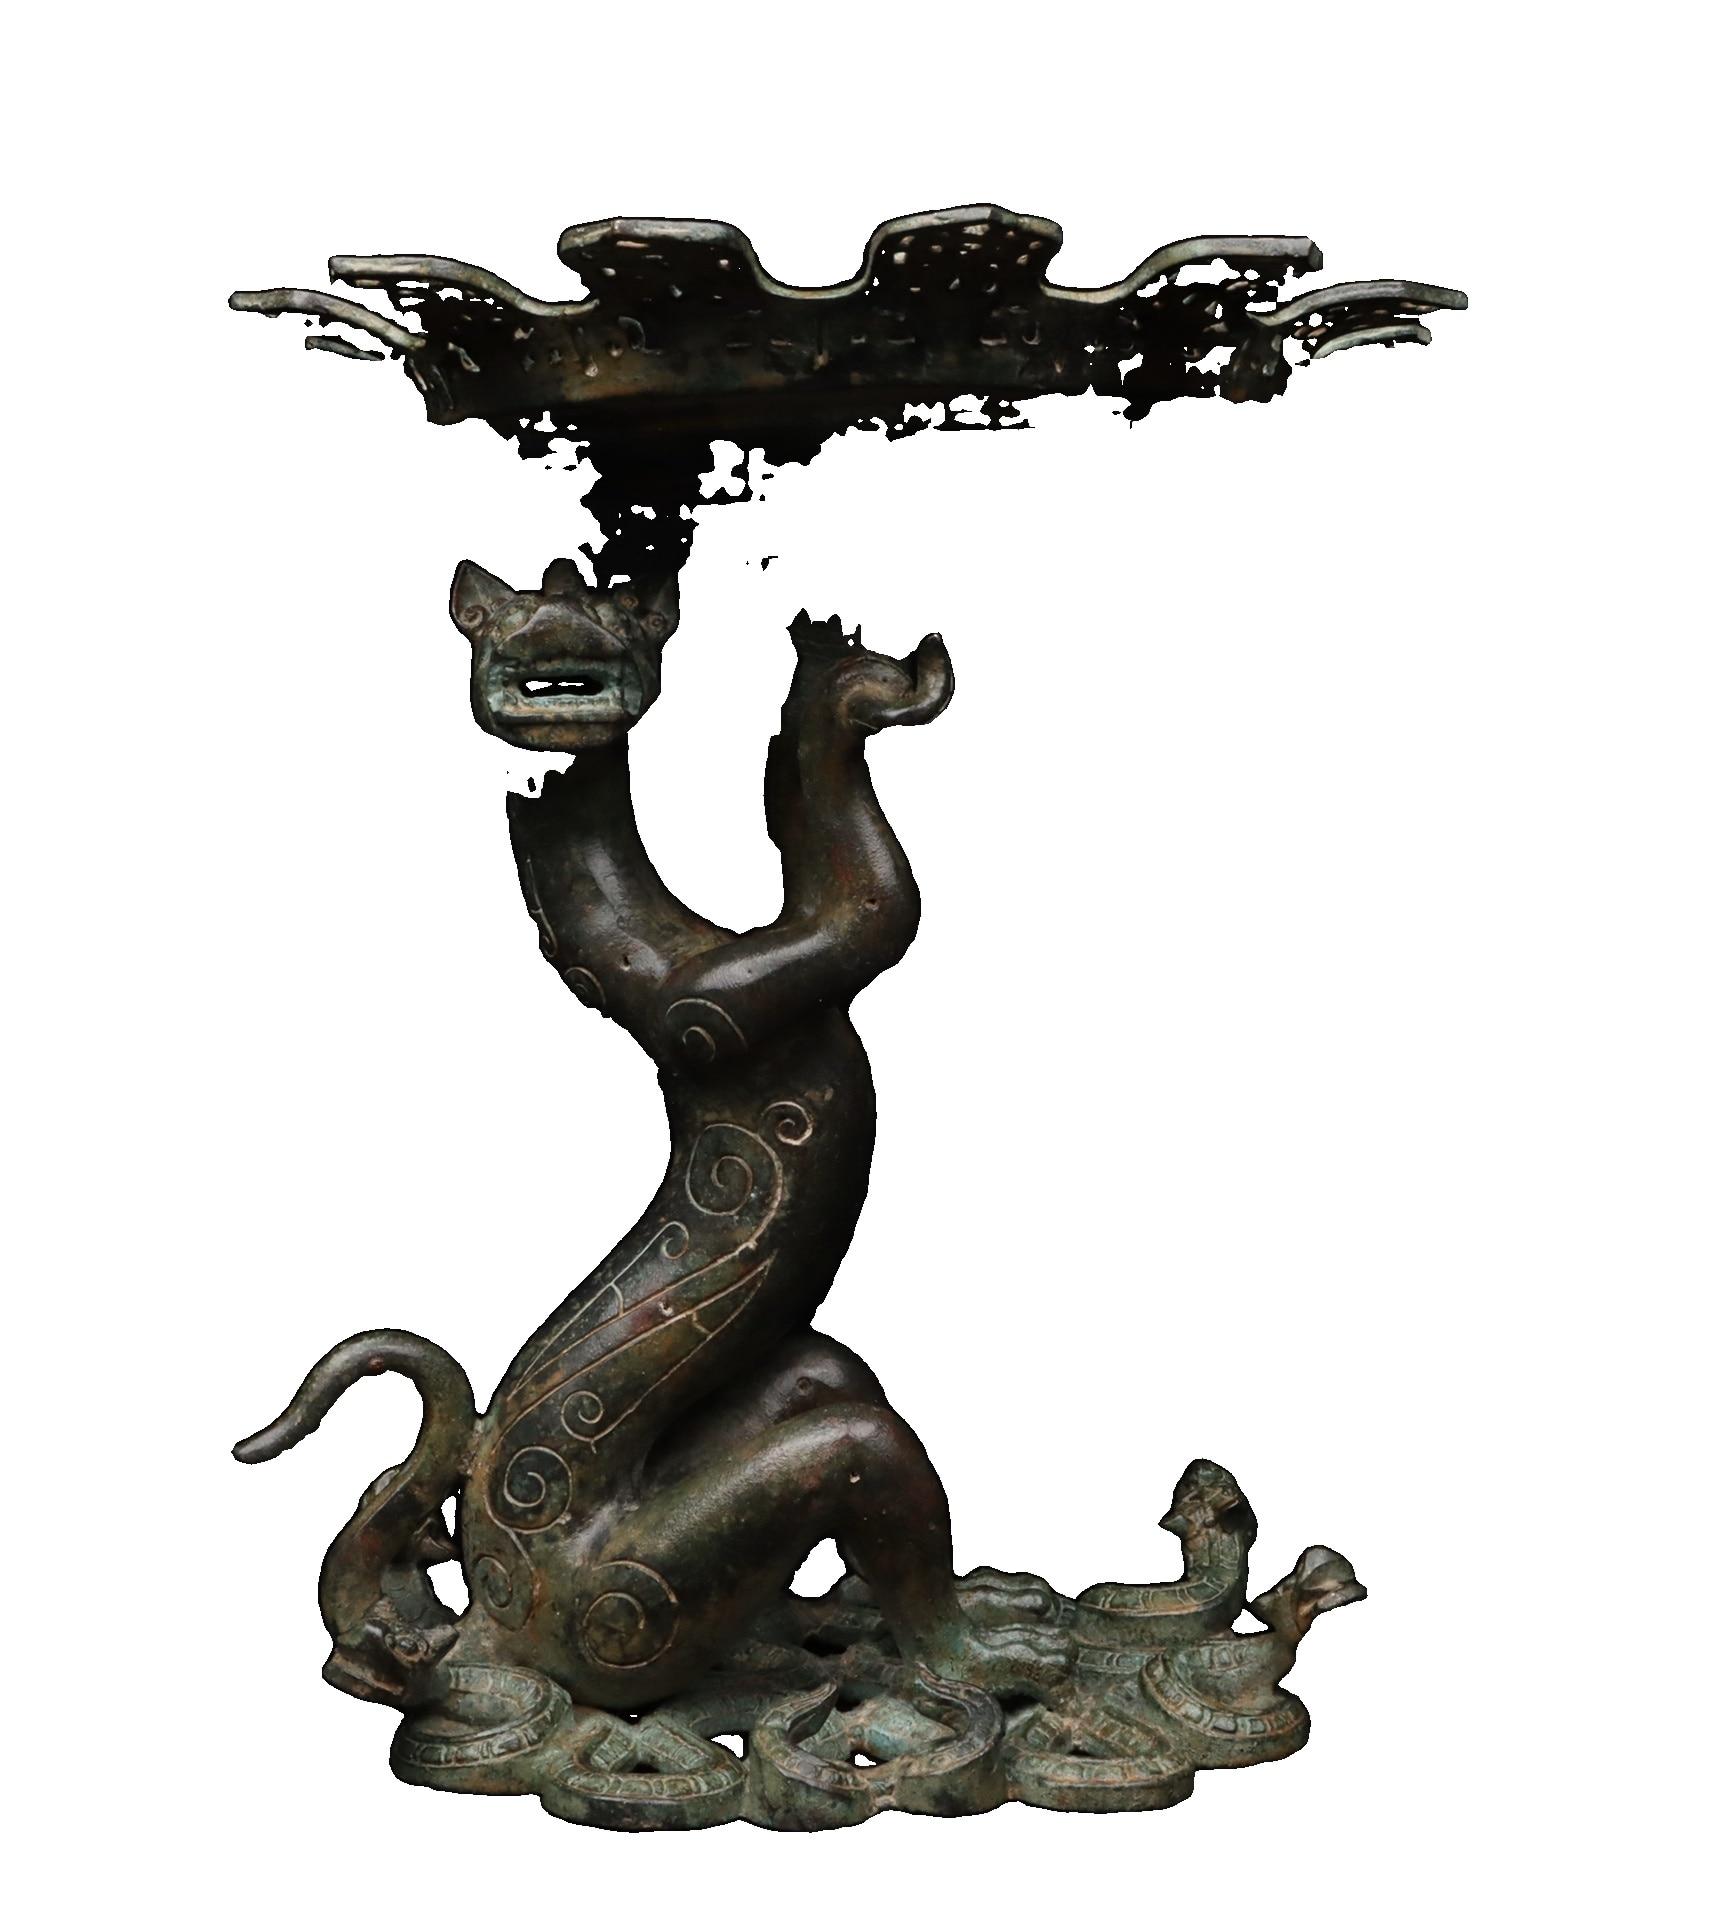 Laojunlu هان سلالة: البرونزية التنين فانوس العتيقة برونزية تحفة مجموعة من المجوهرات الانفرادي النمط الصيني التقليدي